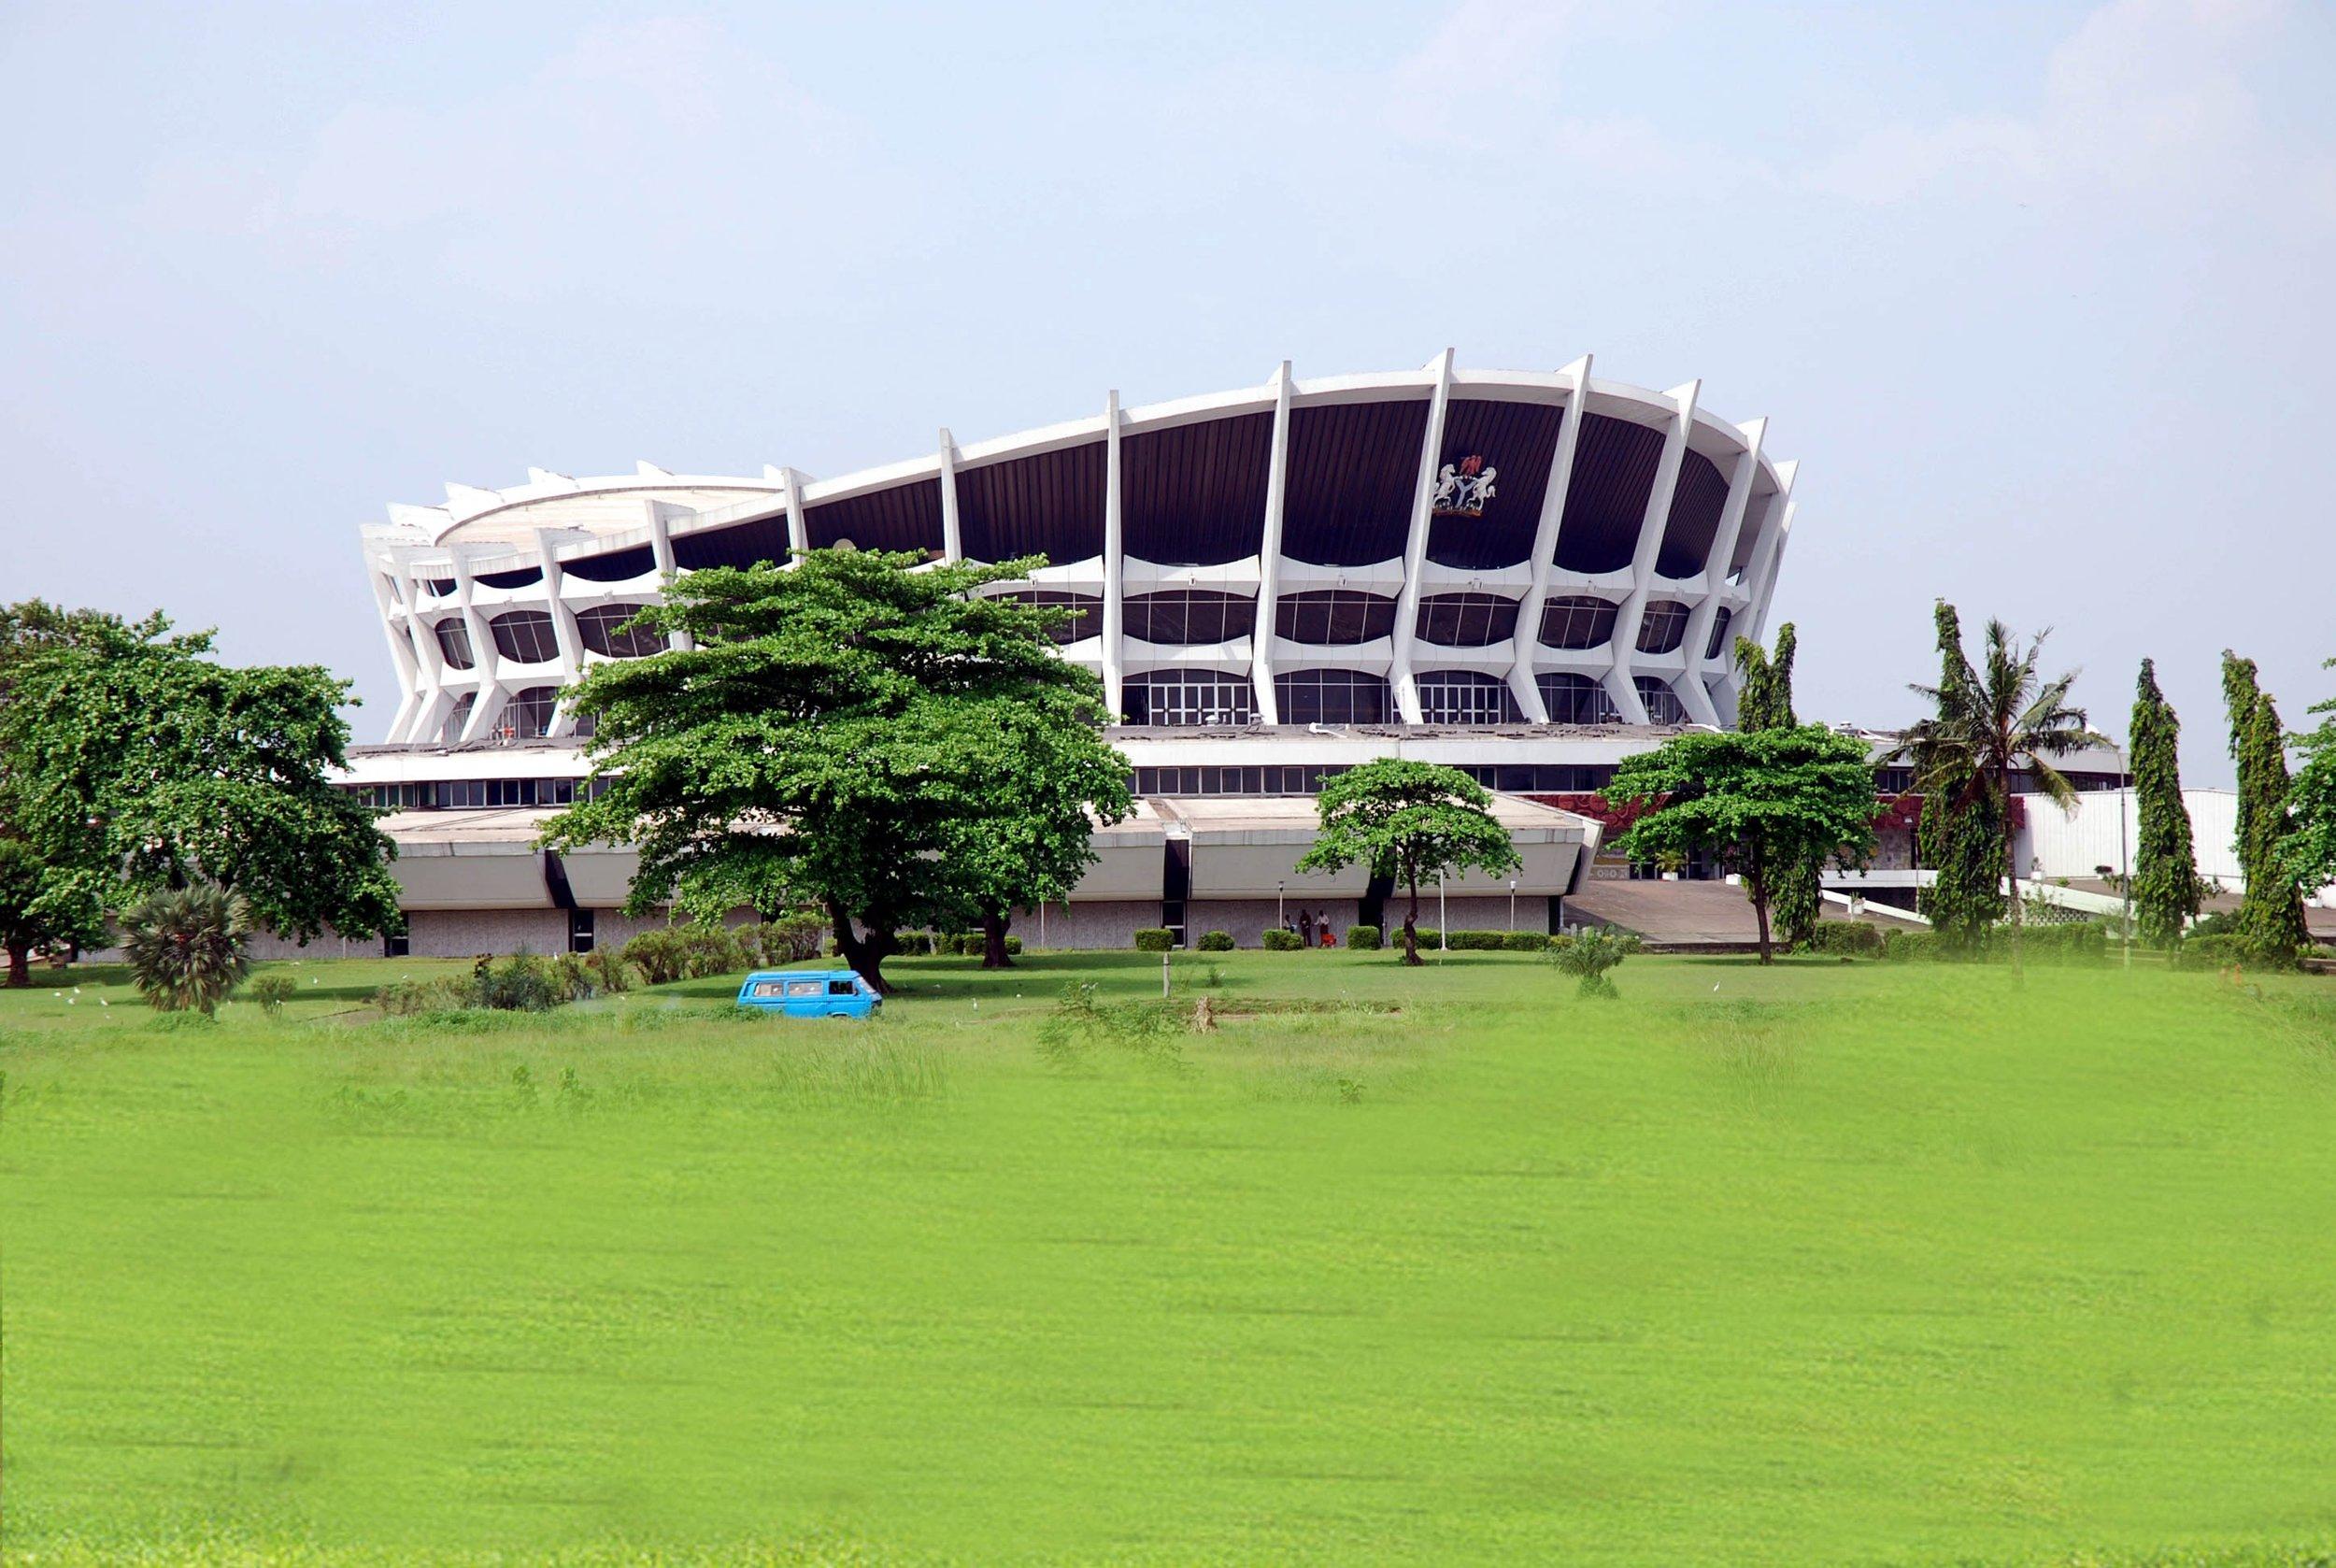 National Theater, Lagos / Via zikoko